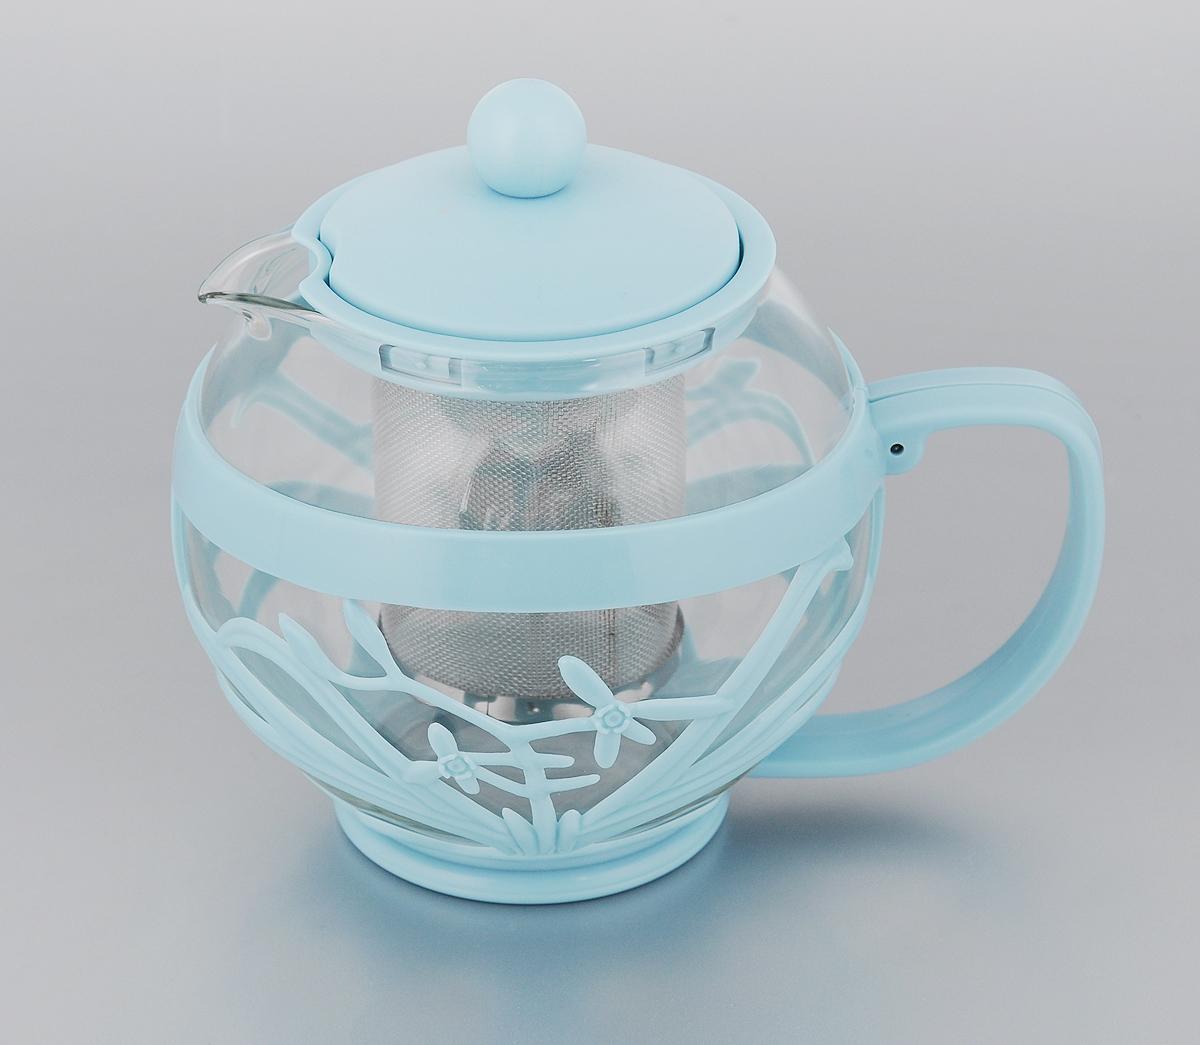 Чайник заварочный Menu Мелисса, с фильтром, цвет: прозрачный, голубой, 750 млMLS-75_голубойЧайник Menu Мелисса изготовлен из прочного стекла и пластика. Он прекрасно подойдет для заваривания чая и травяных напитков. Классический стиль и оптимальный объем делают его удобным и оригинальным аксессуаром. Изделие имеет удлиненный металлический фильтр, который обеспечивает высокое качество фильтрации напитка и позволяет заварить чай даже при небольшом уровне воды. Ручка чайника не нагревается и обеспечивает безопасность использования. Нельзя мыть в посудомоечной машине. Диаметр чайника (по верхнему краю): 8 см. Высота чайника (без учета крышки): 11 см. Размер фильтра: 6 х 6 х 7,2 см.